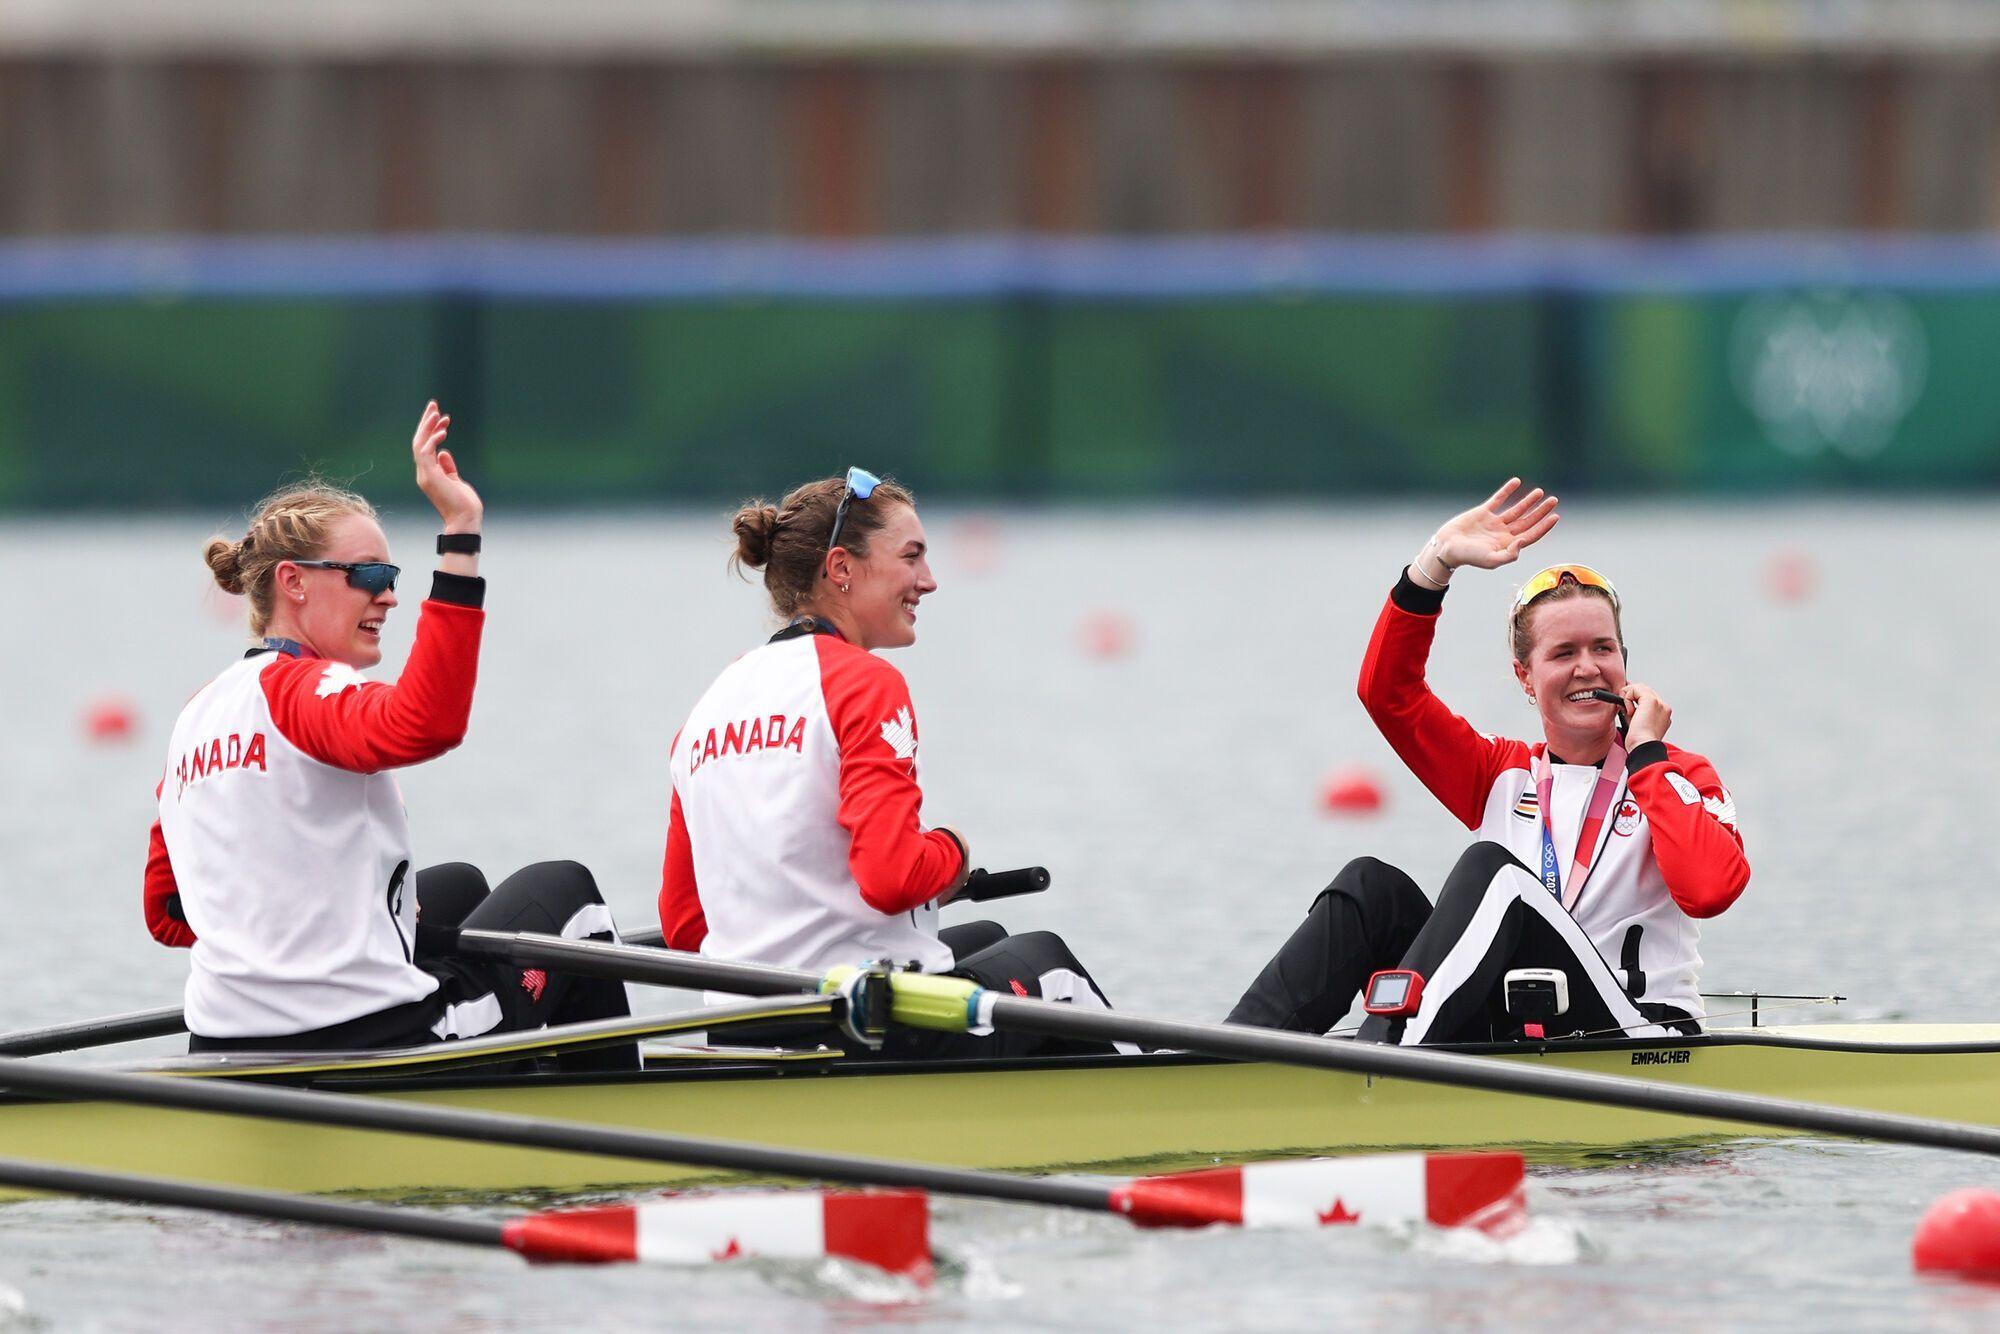 Кристен Кит с золотом ОИ-2020 (крайняя справа)